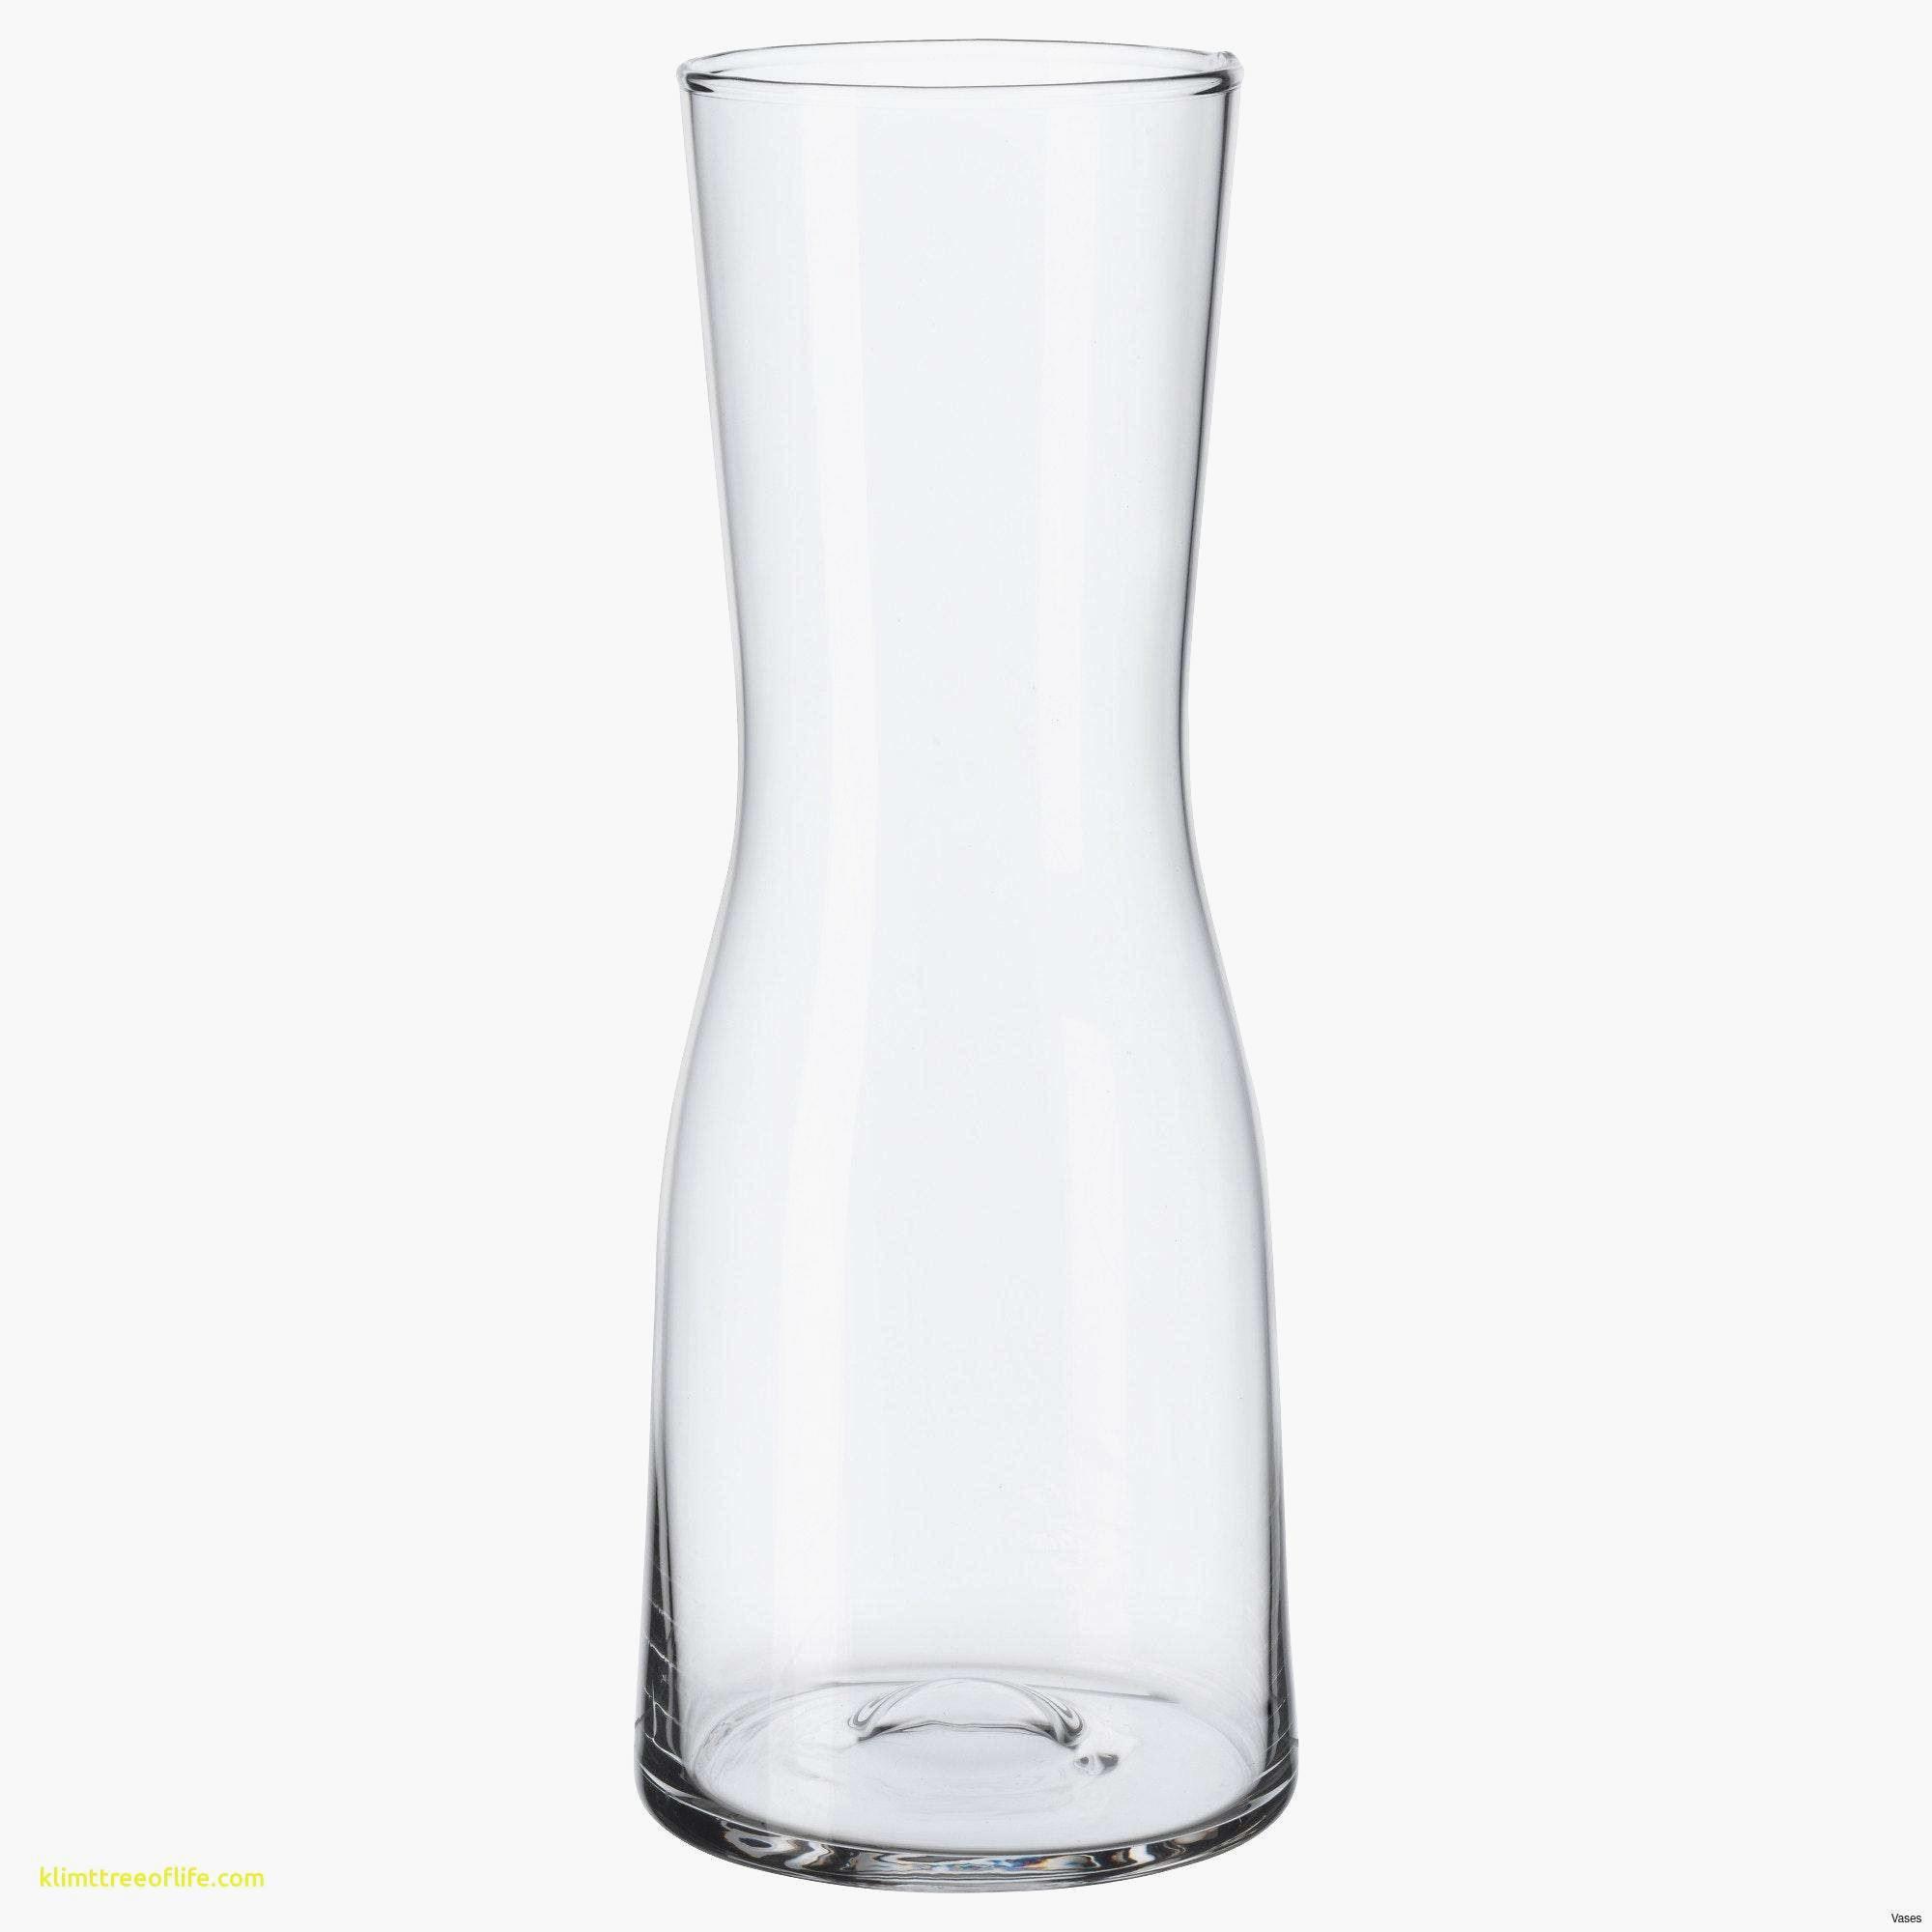 baccarat eye vase of large black vase collection living room glass vases fresh clear vase in large black vase image 30 nordstrom rack number awesome new design ikea mantel great pe s5h